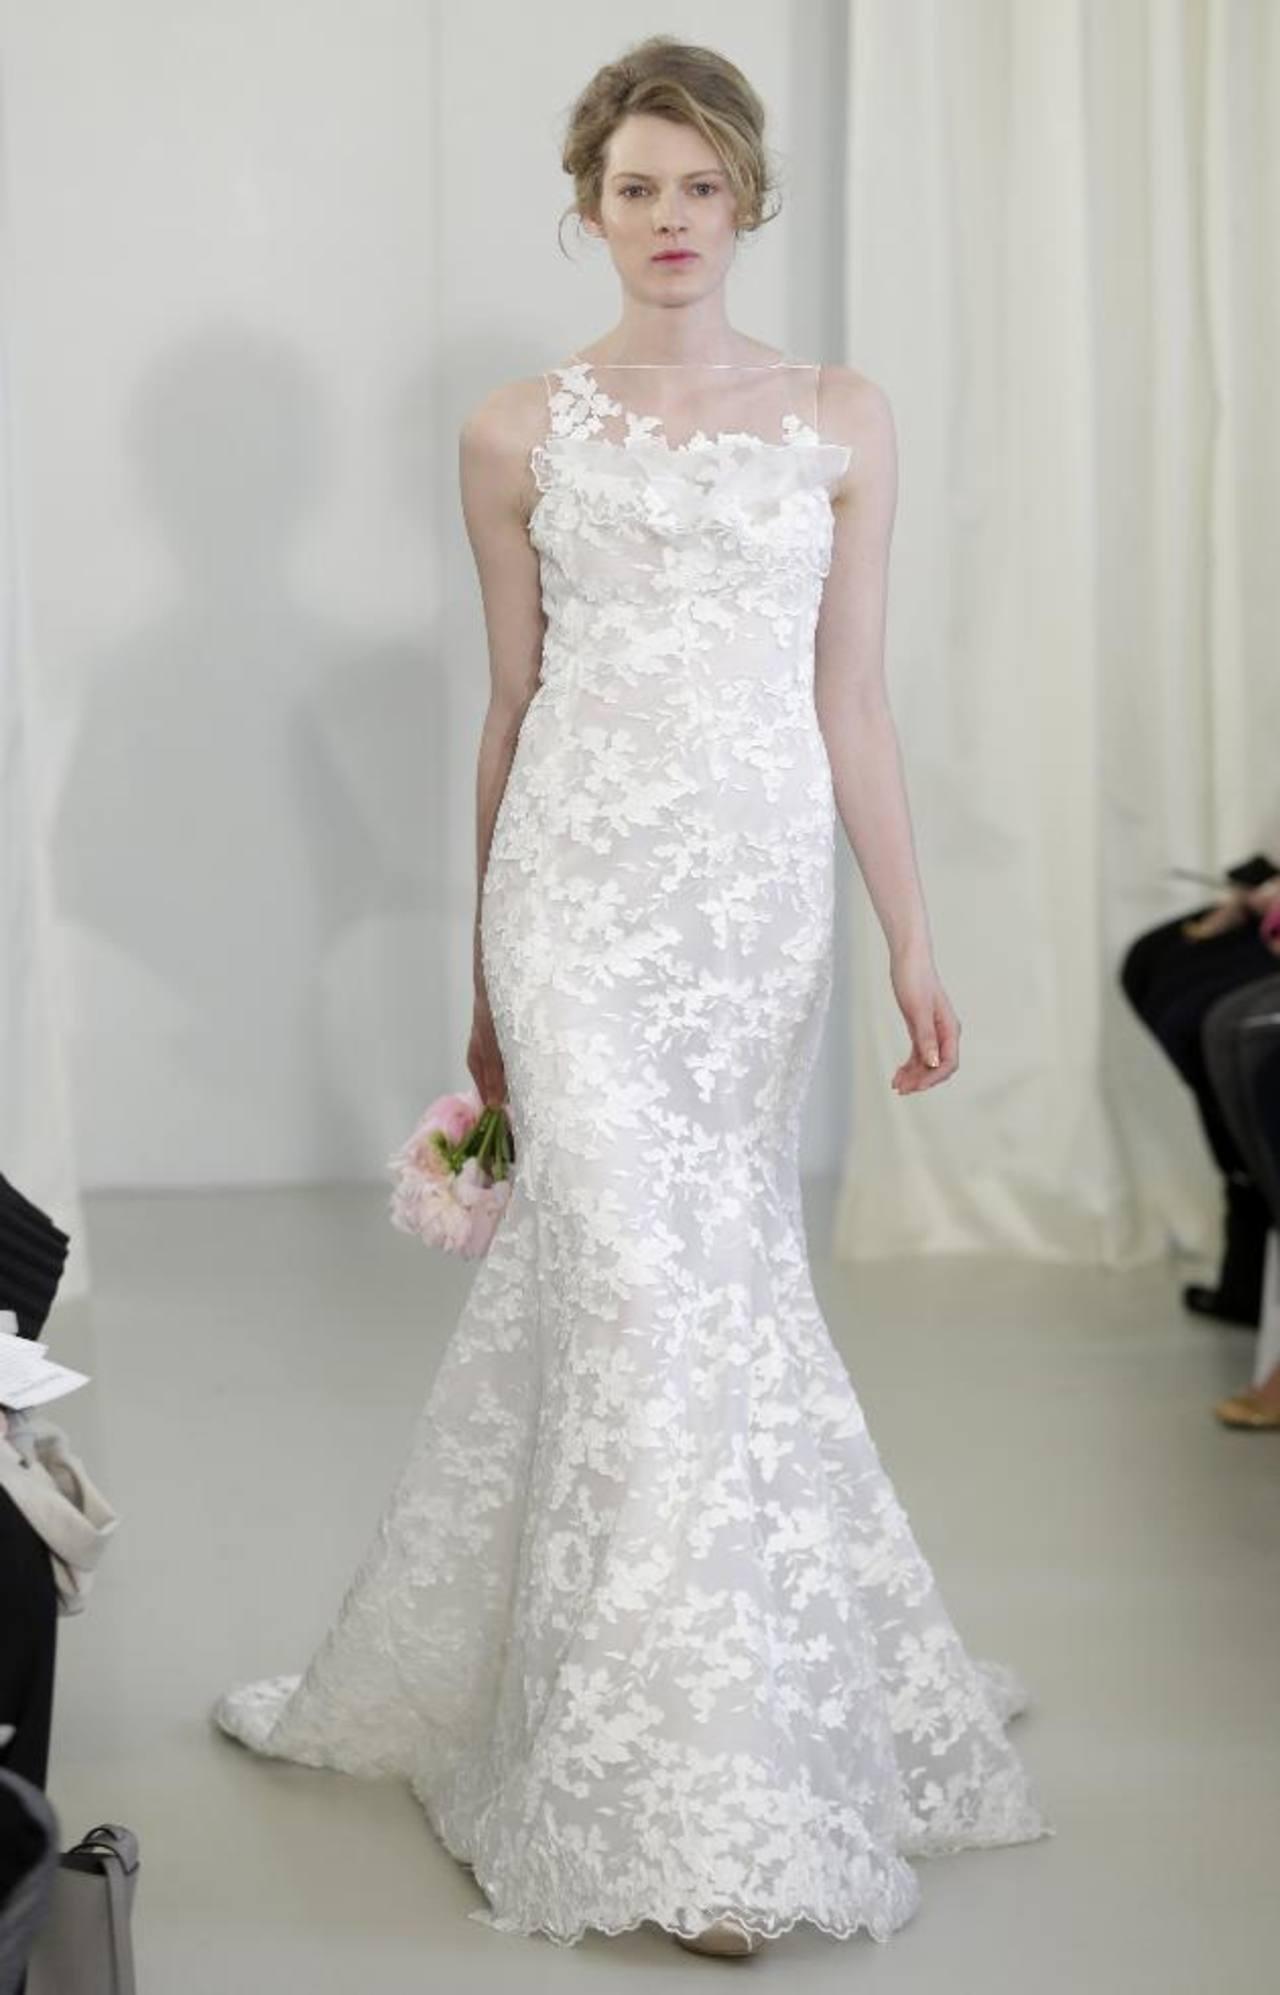 Disenadores de vestidos de novia en el salvador